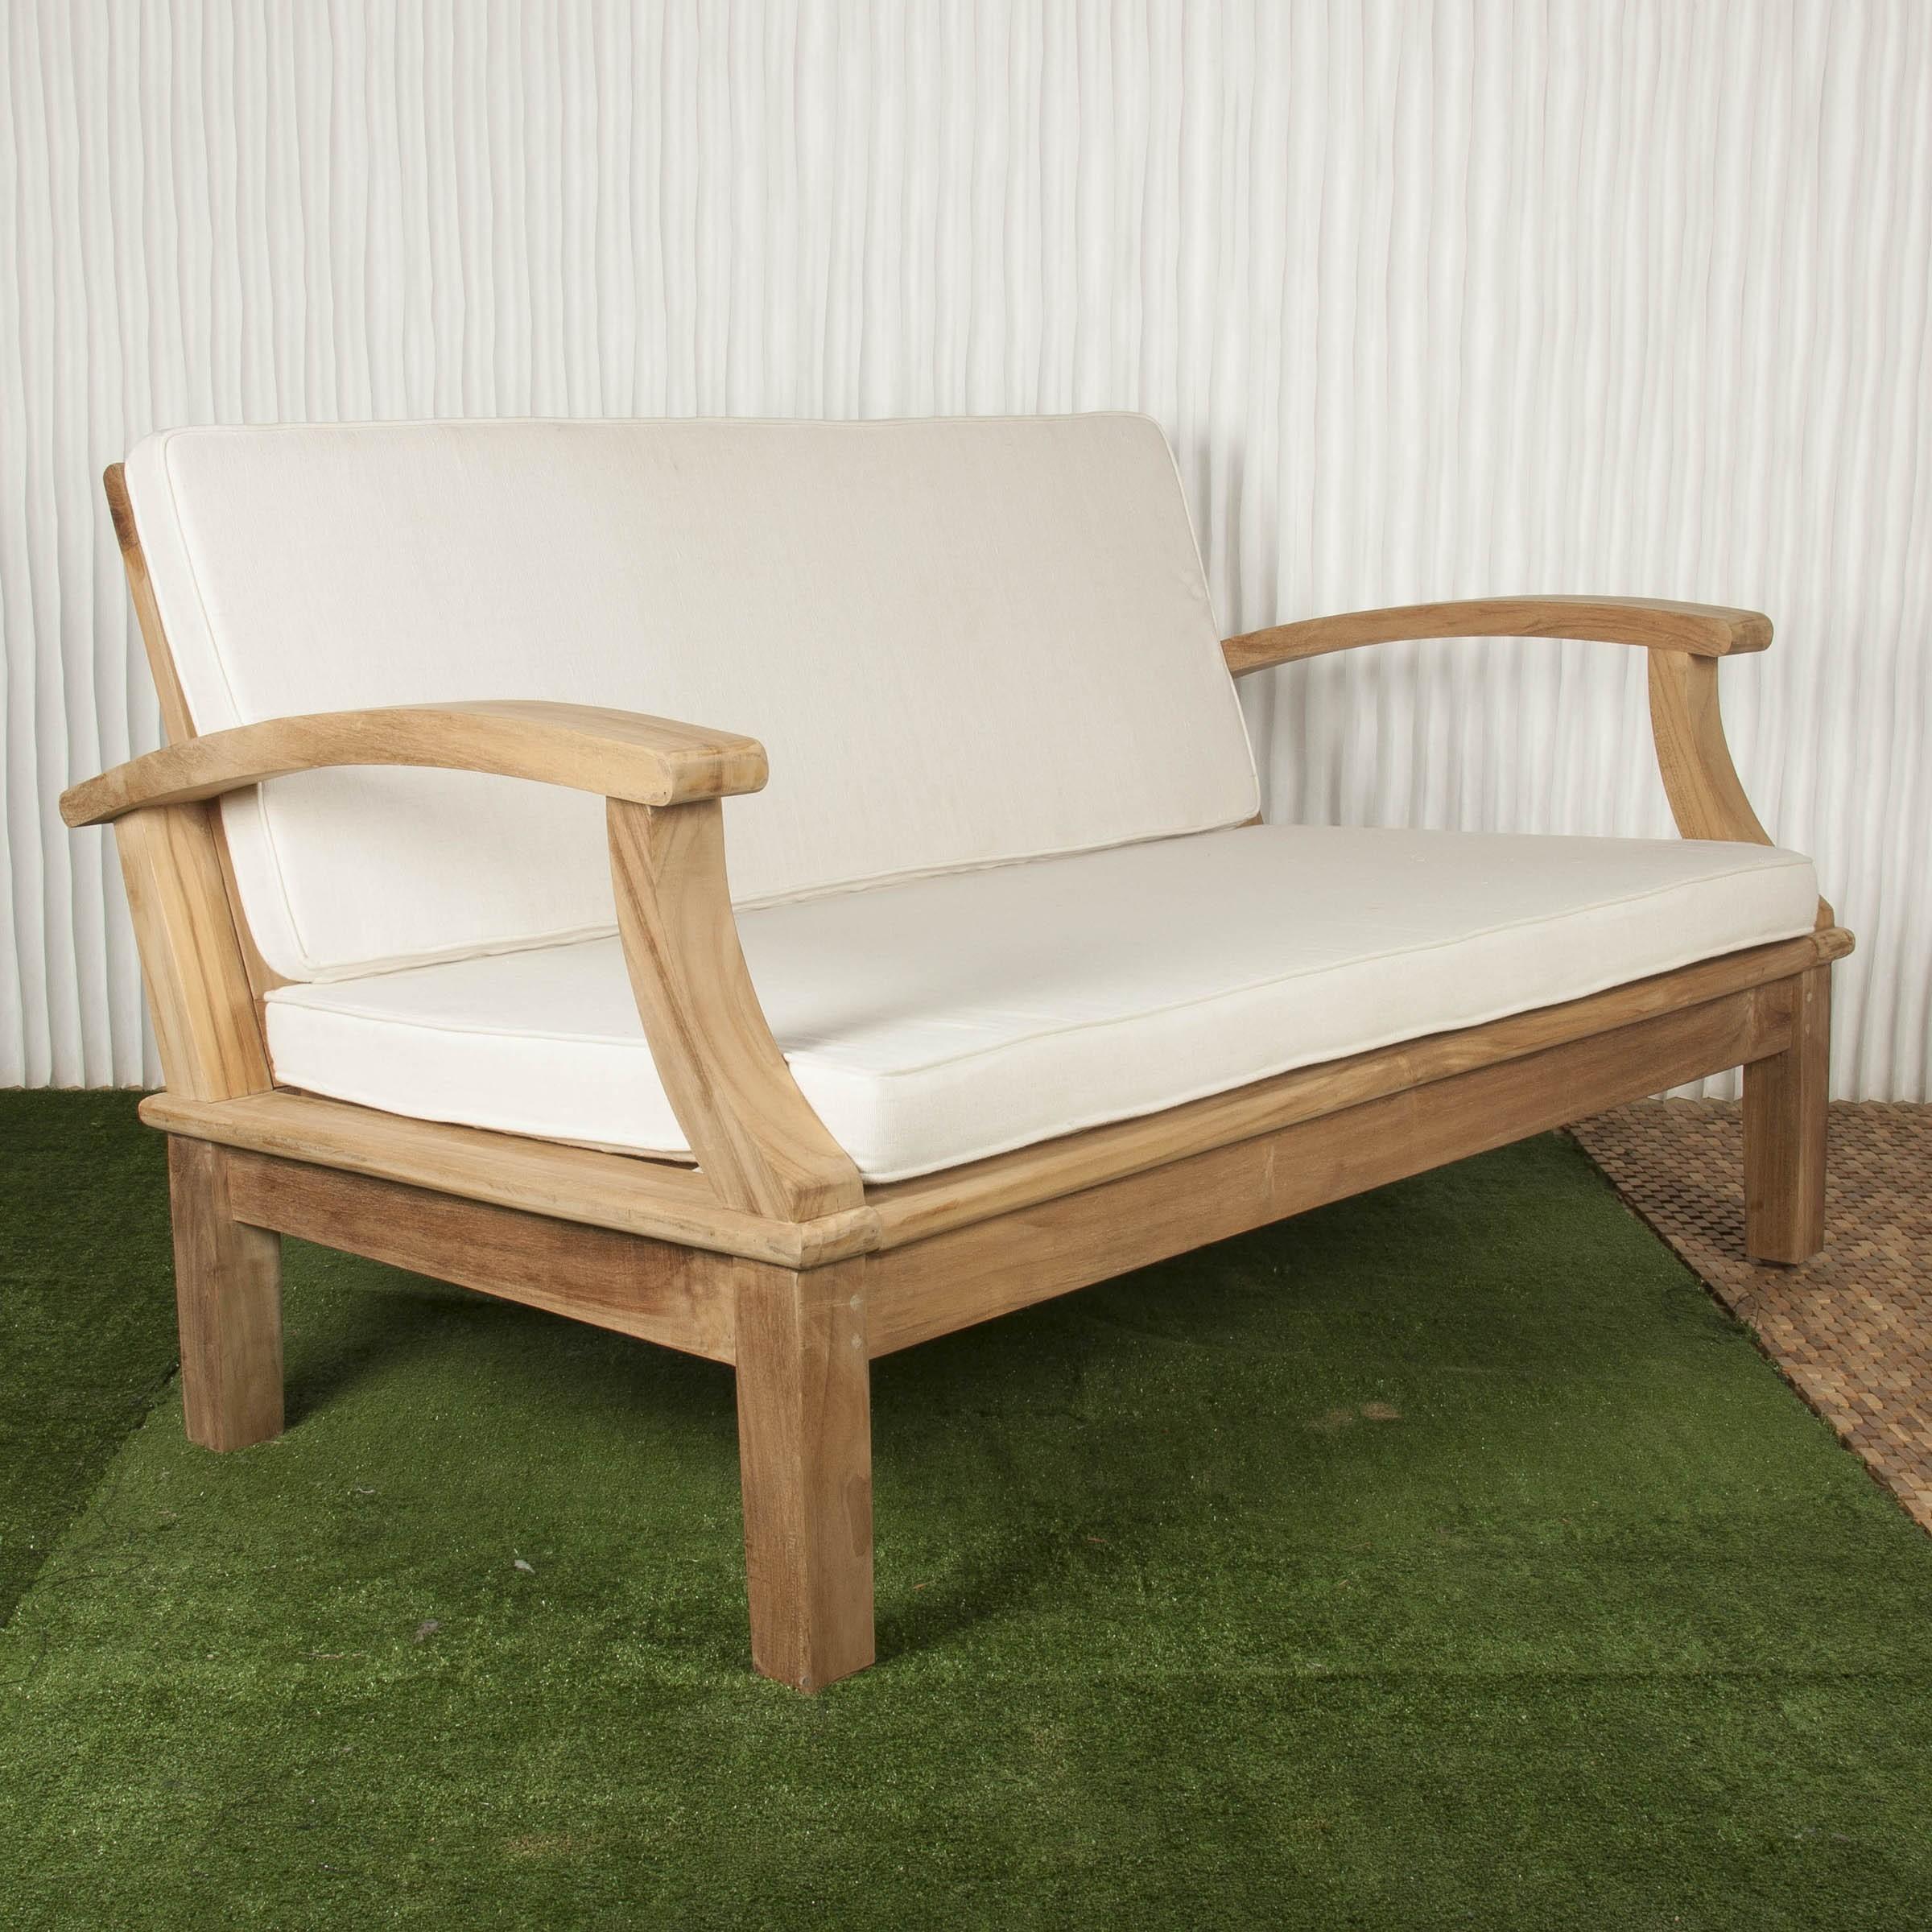 Sof exterior y sof de madera batavia - Bancos para exterior de jardin ...